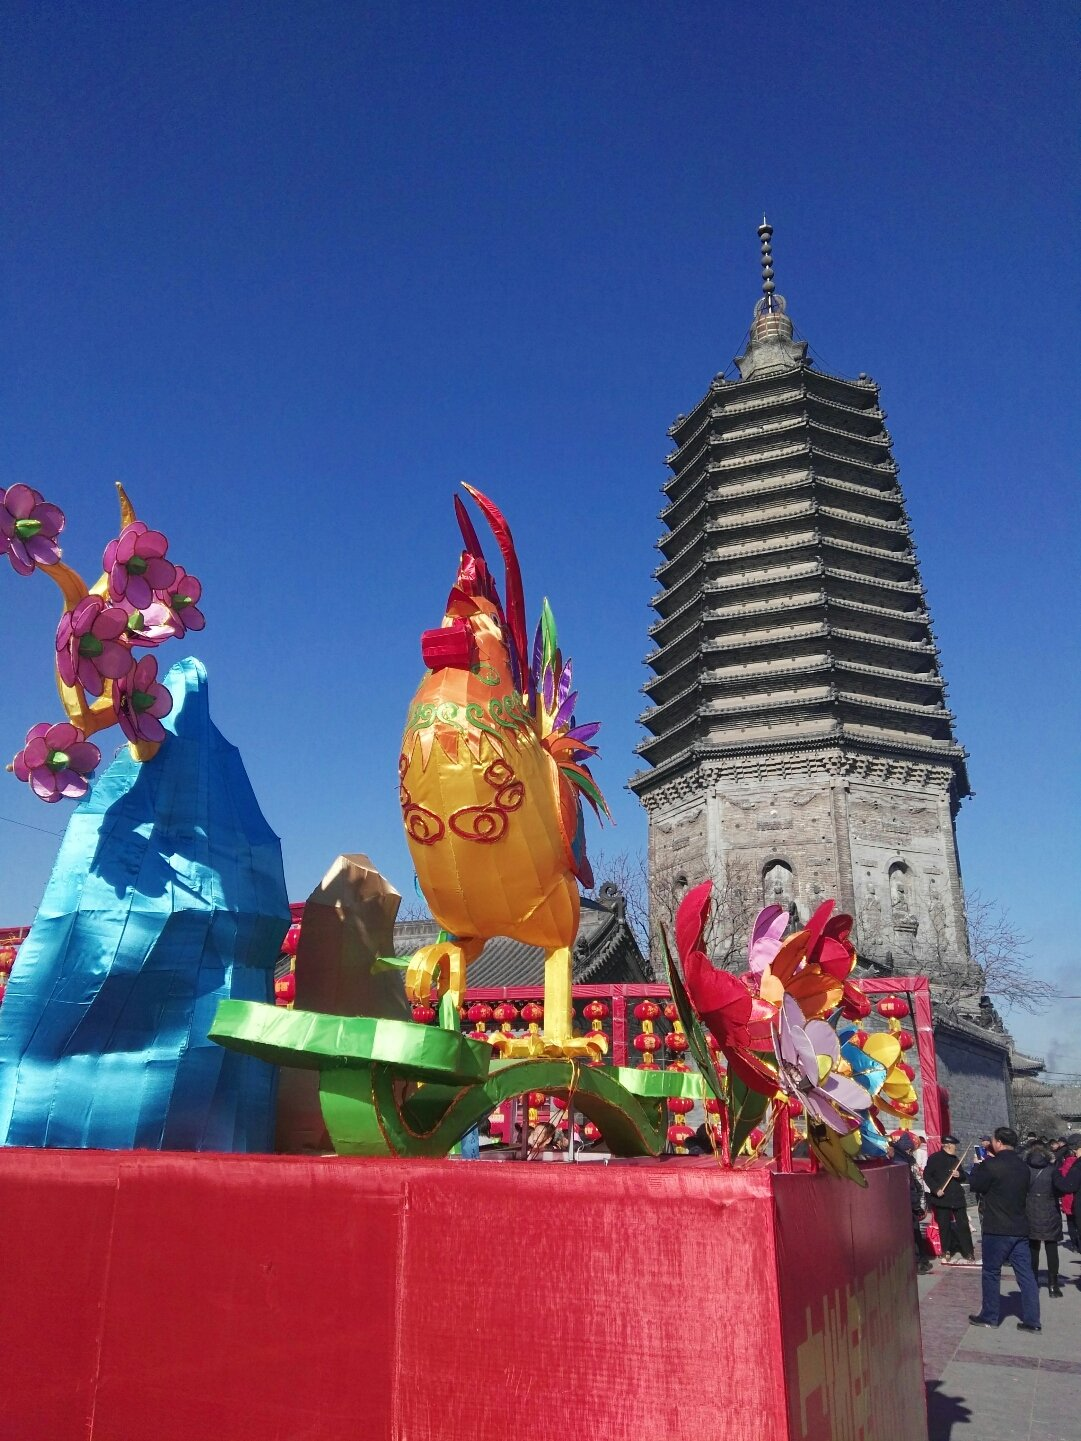 辽宁省锦州市古塔区南街靠近广济寺天气预报